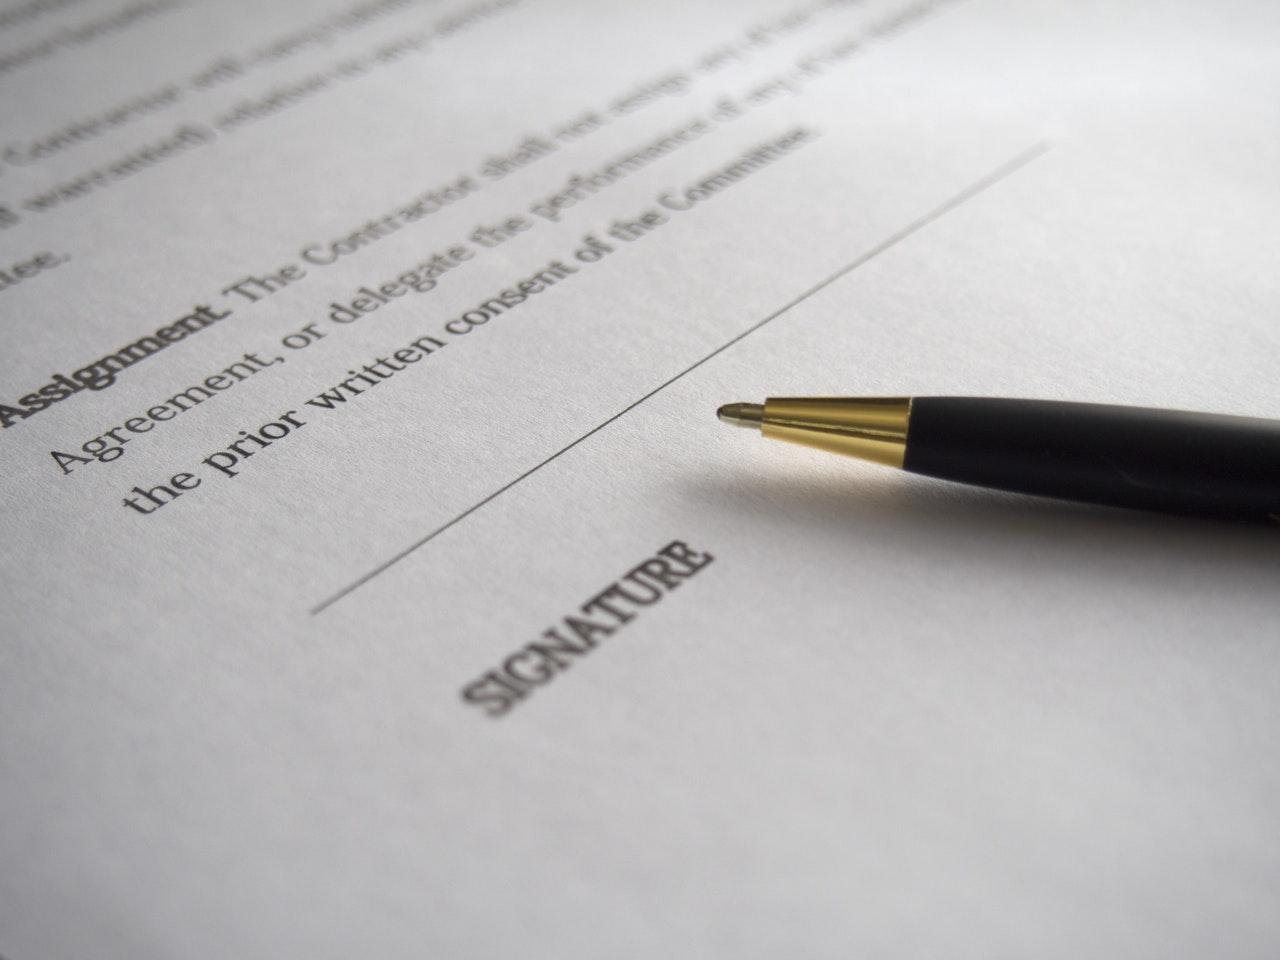 Mutuo ristrutturazione: come funziona, requisiti, documenti necessari